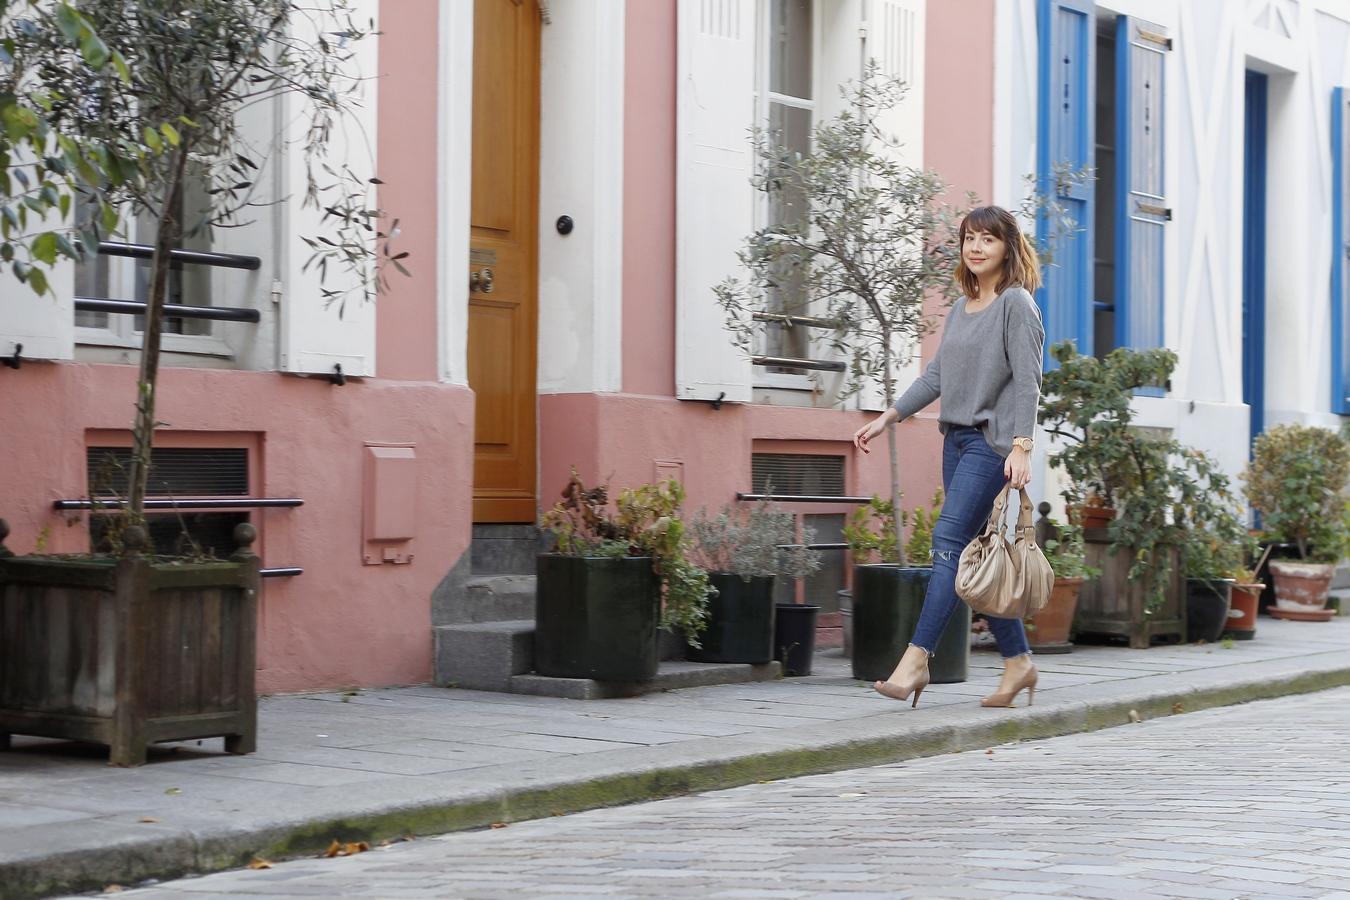 Blog mode femme Paris - Du style, Madame - streetstyle - rue crémieux